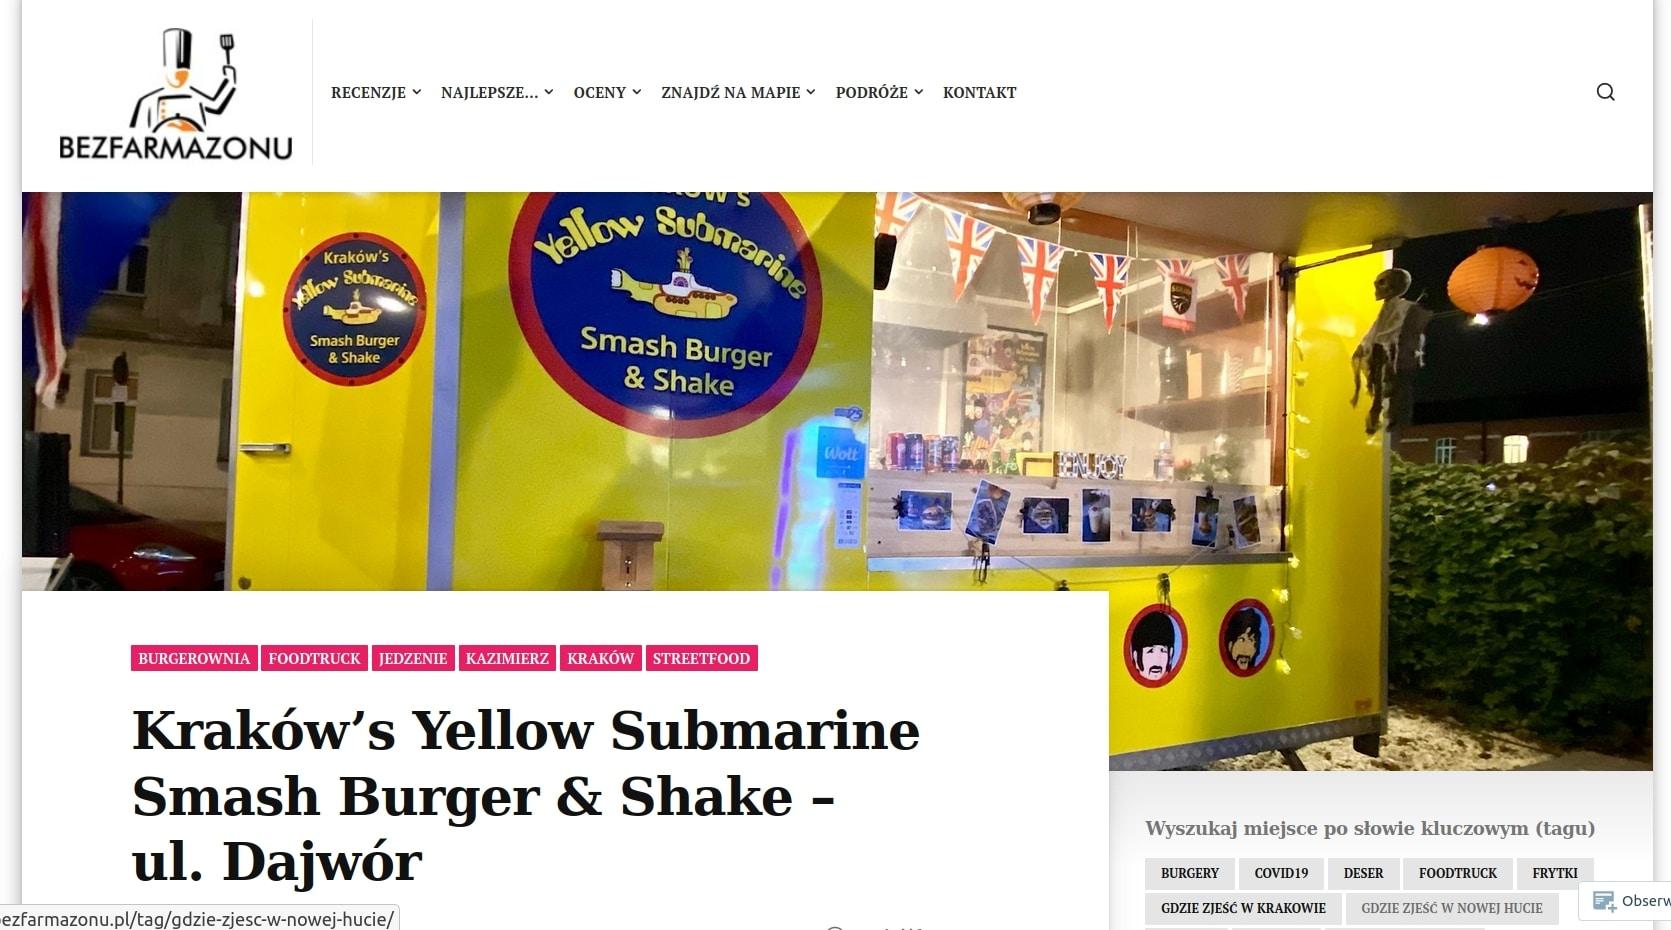 Smash burgery można zjeść w Yellow Submarine. Poleca je bezfarmazonu.pl.